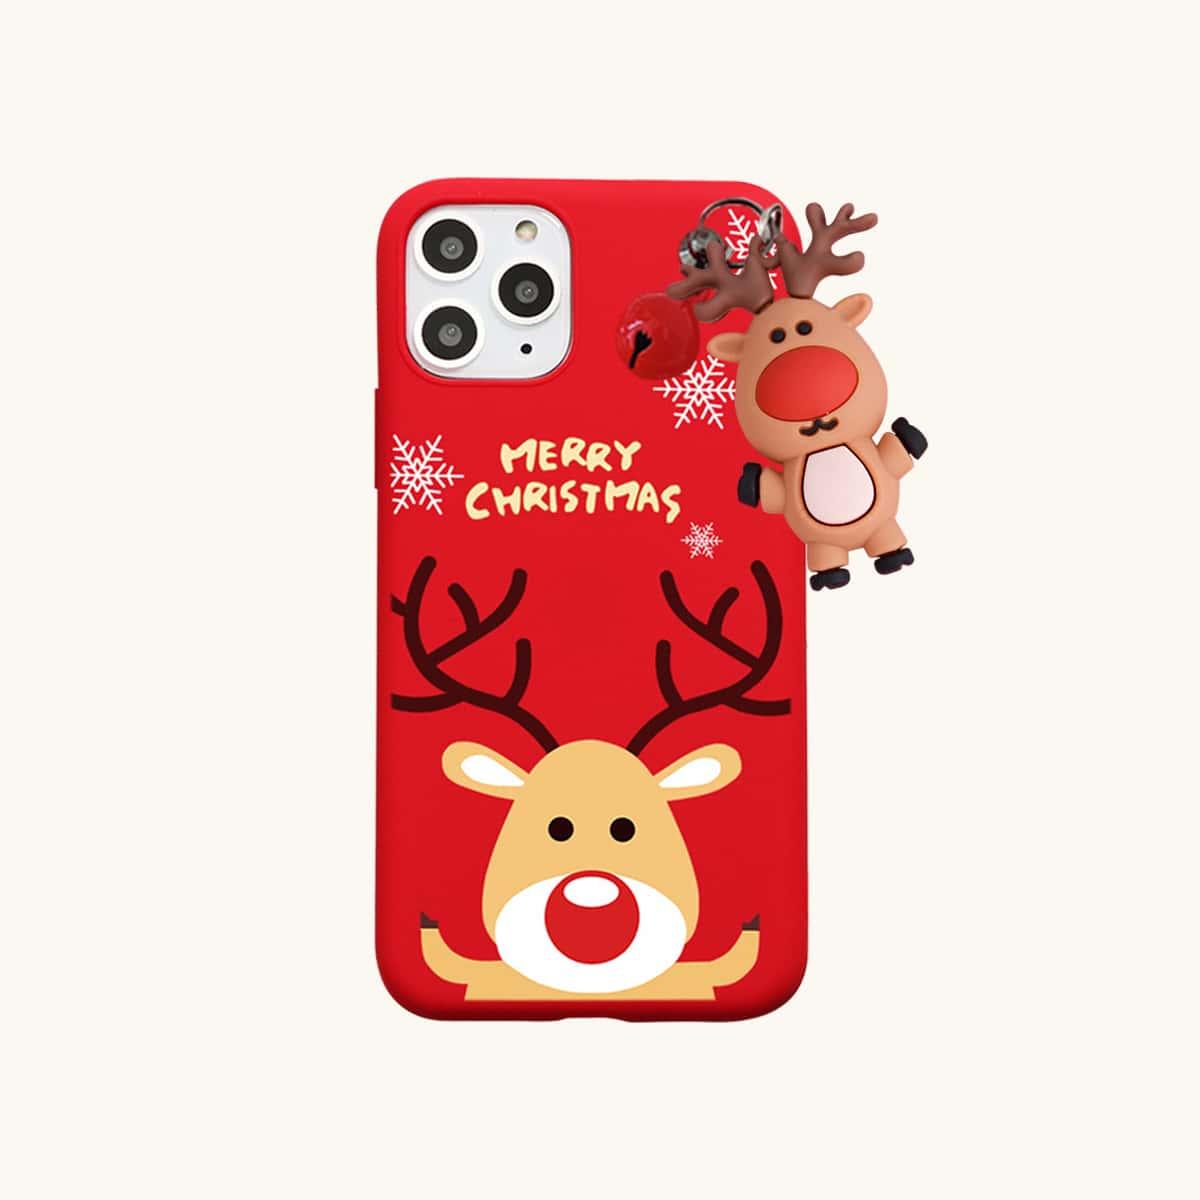 SHEIN / Weihnachten Handyetui mit Elch & Glocken Dekor